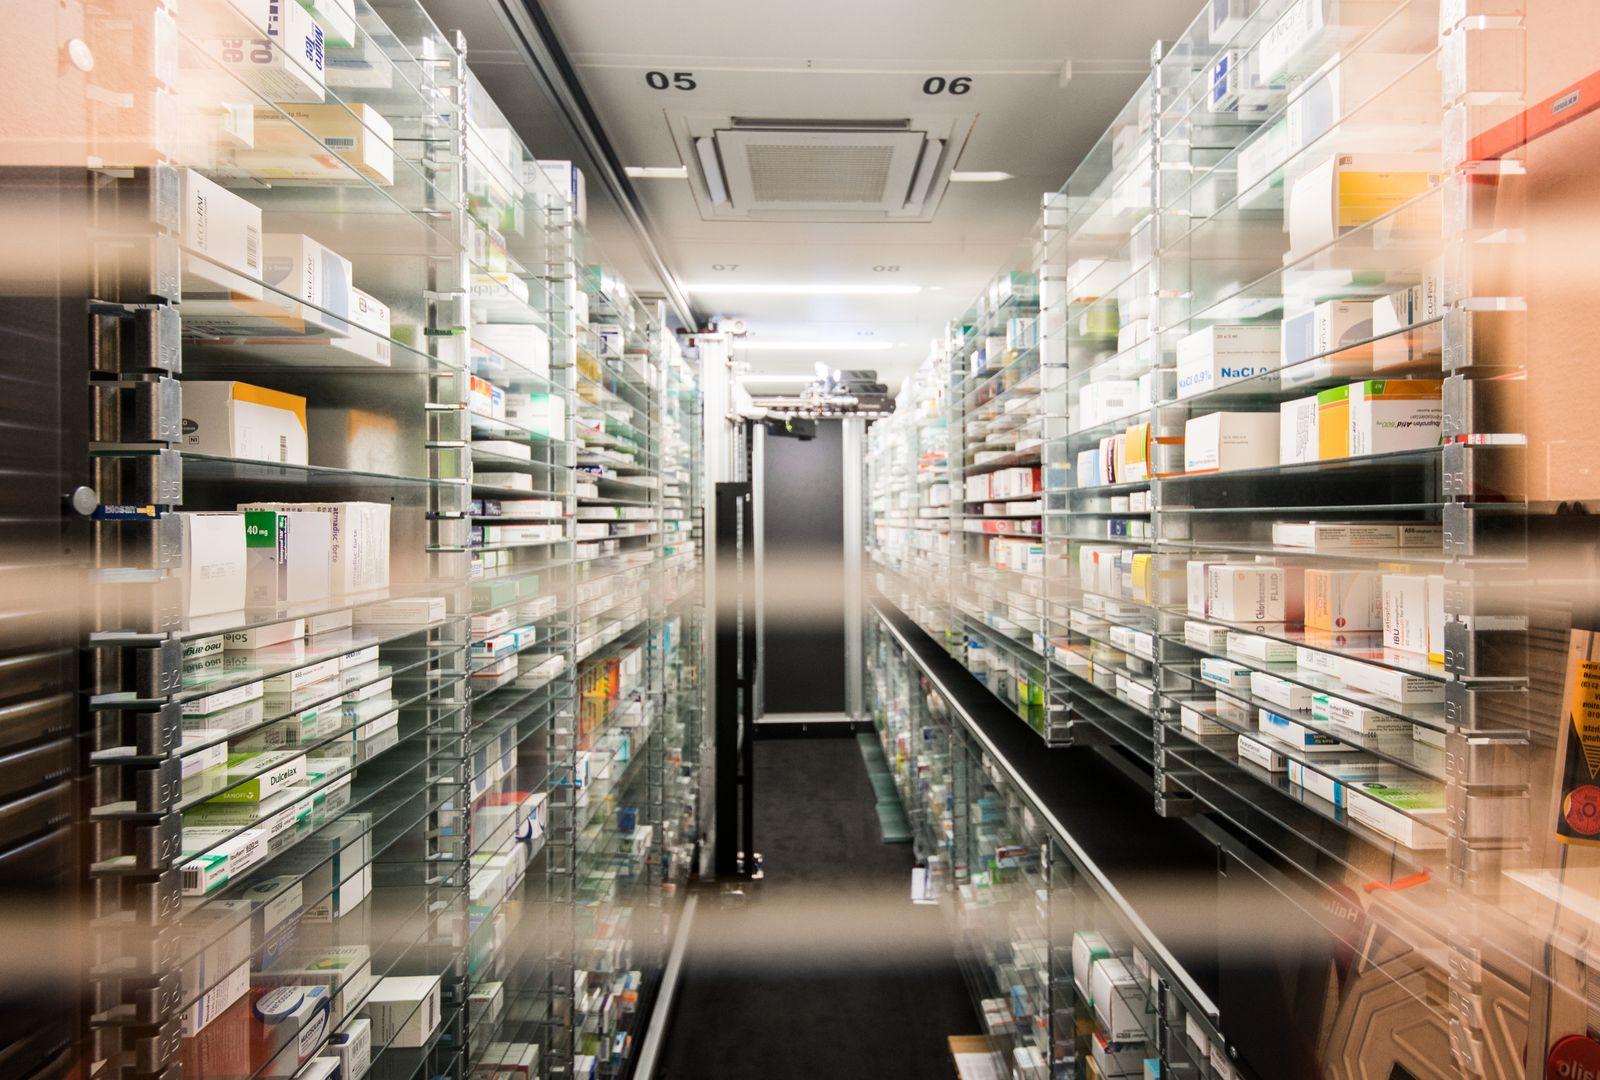 Lieferengpässe von Medikamenten